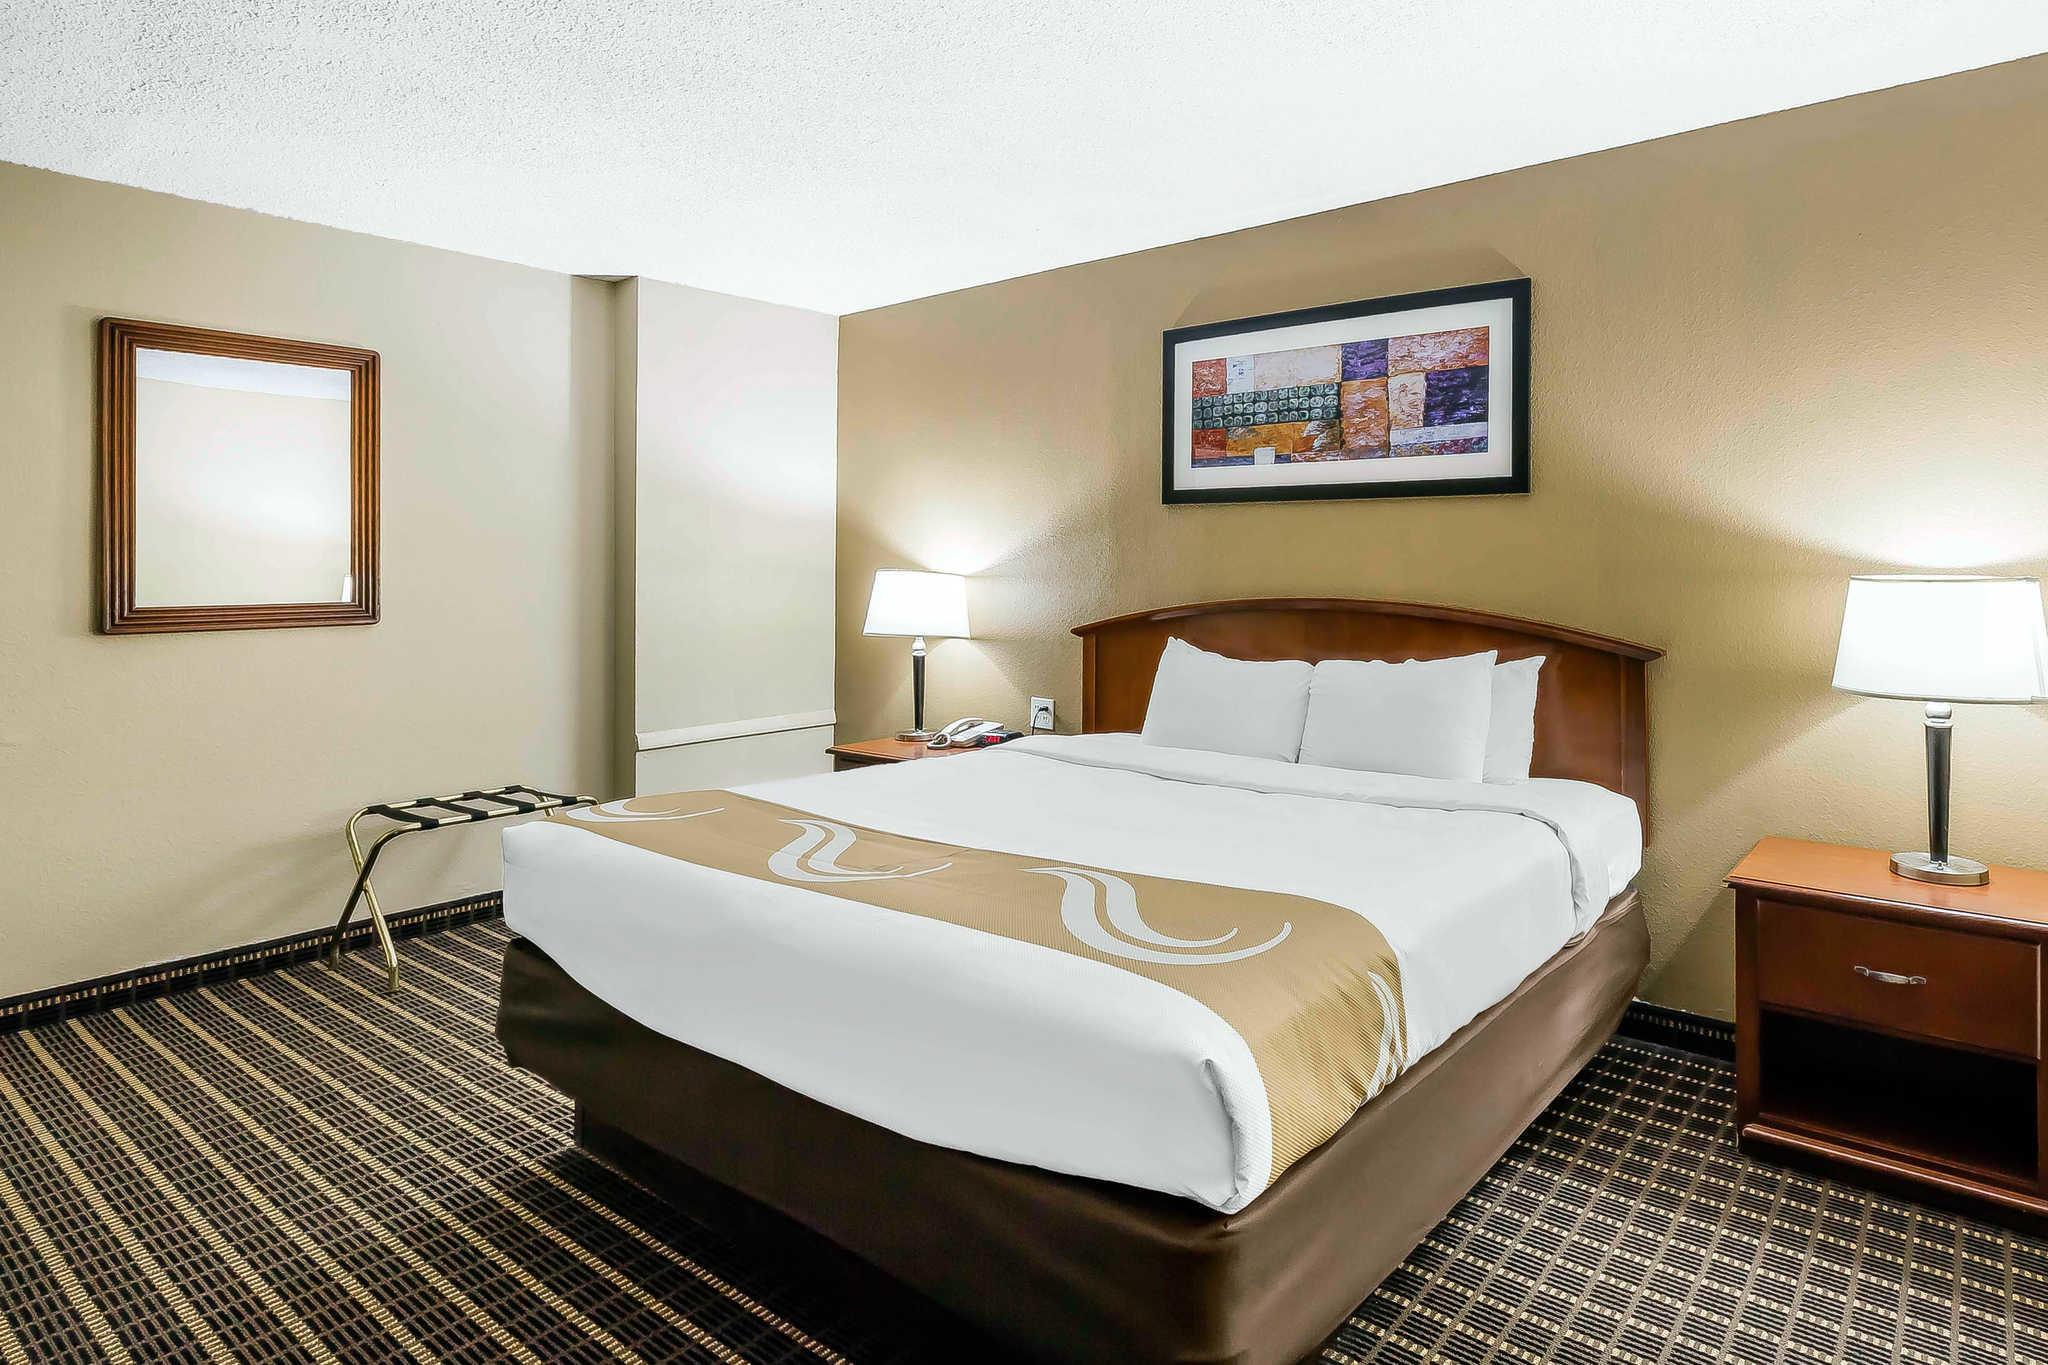 Quality Inn & Suites River Suites image 18